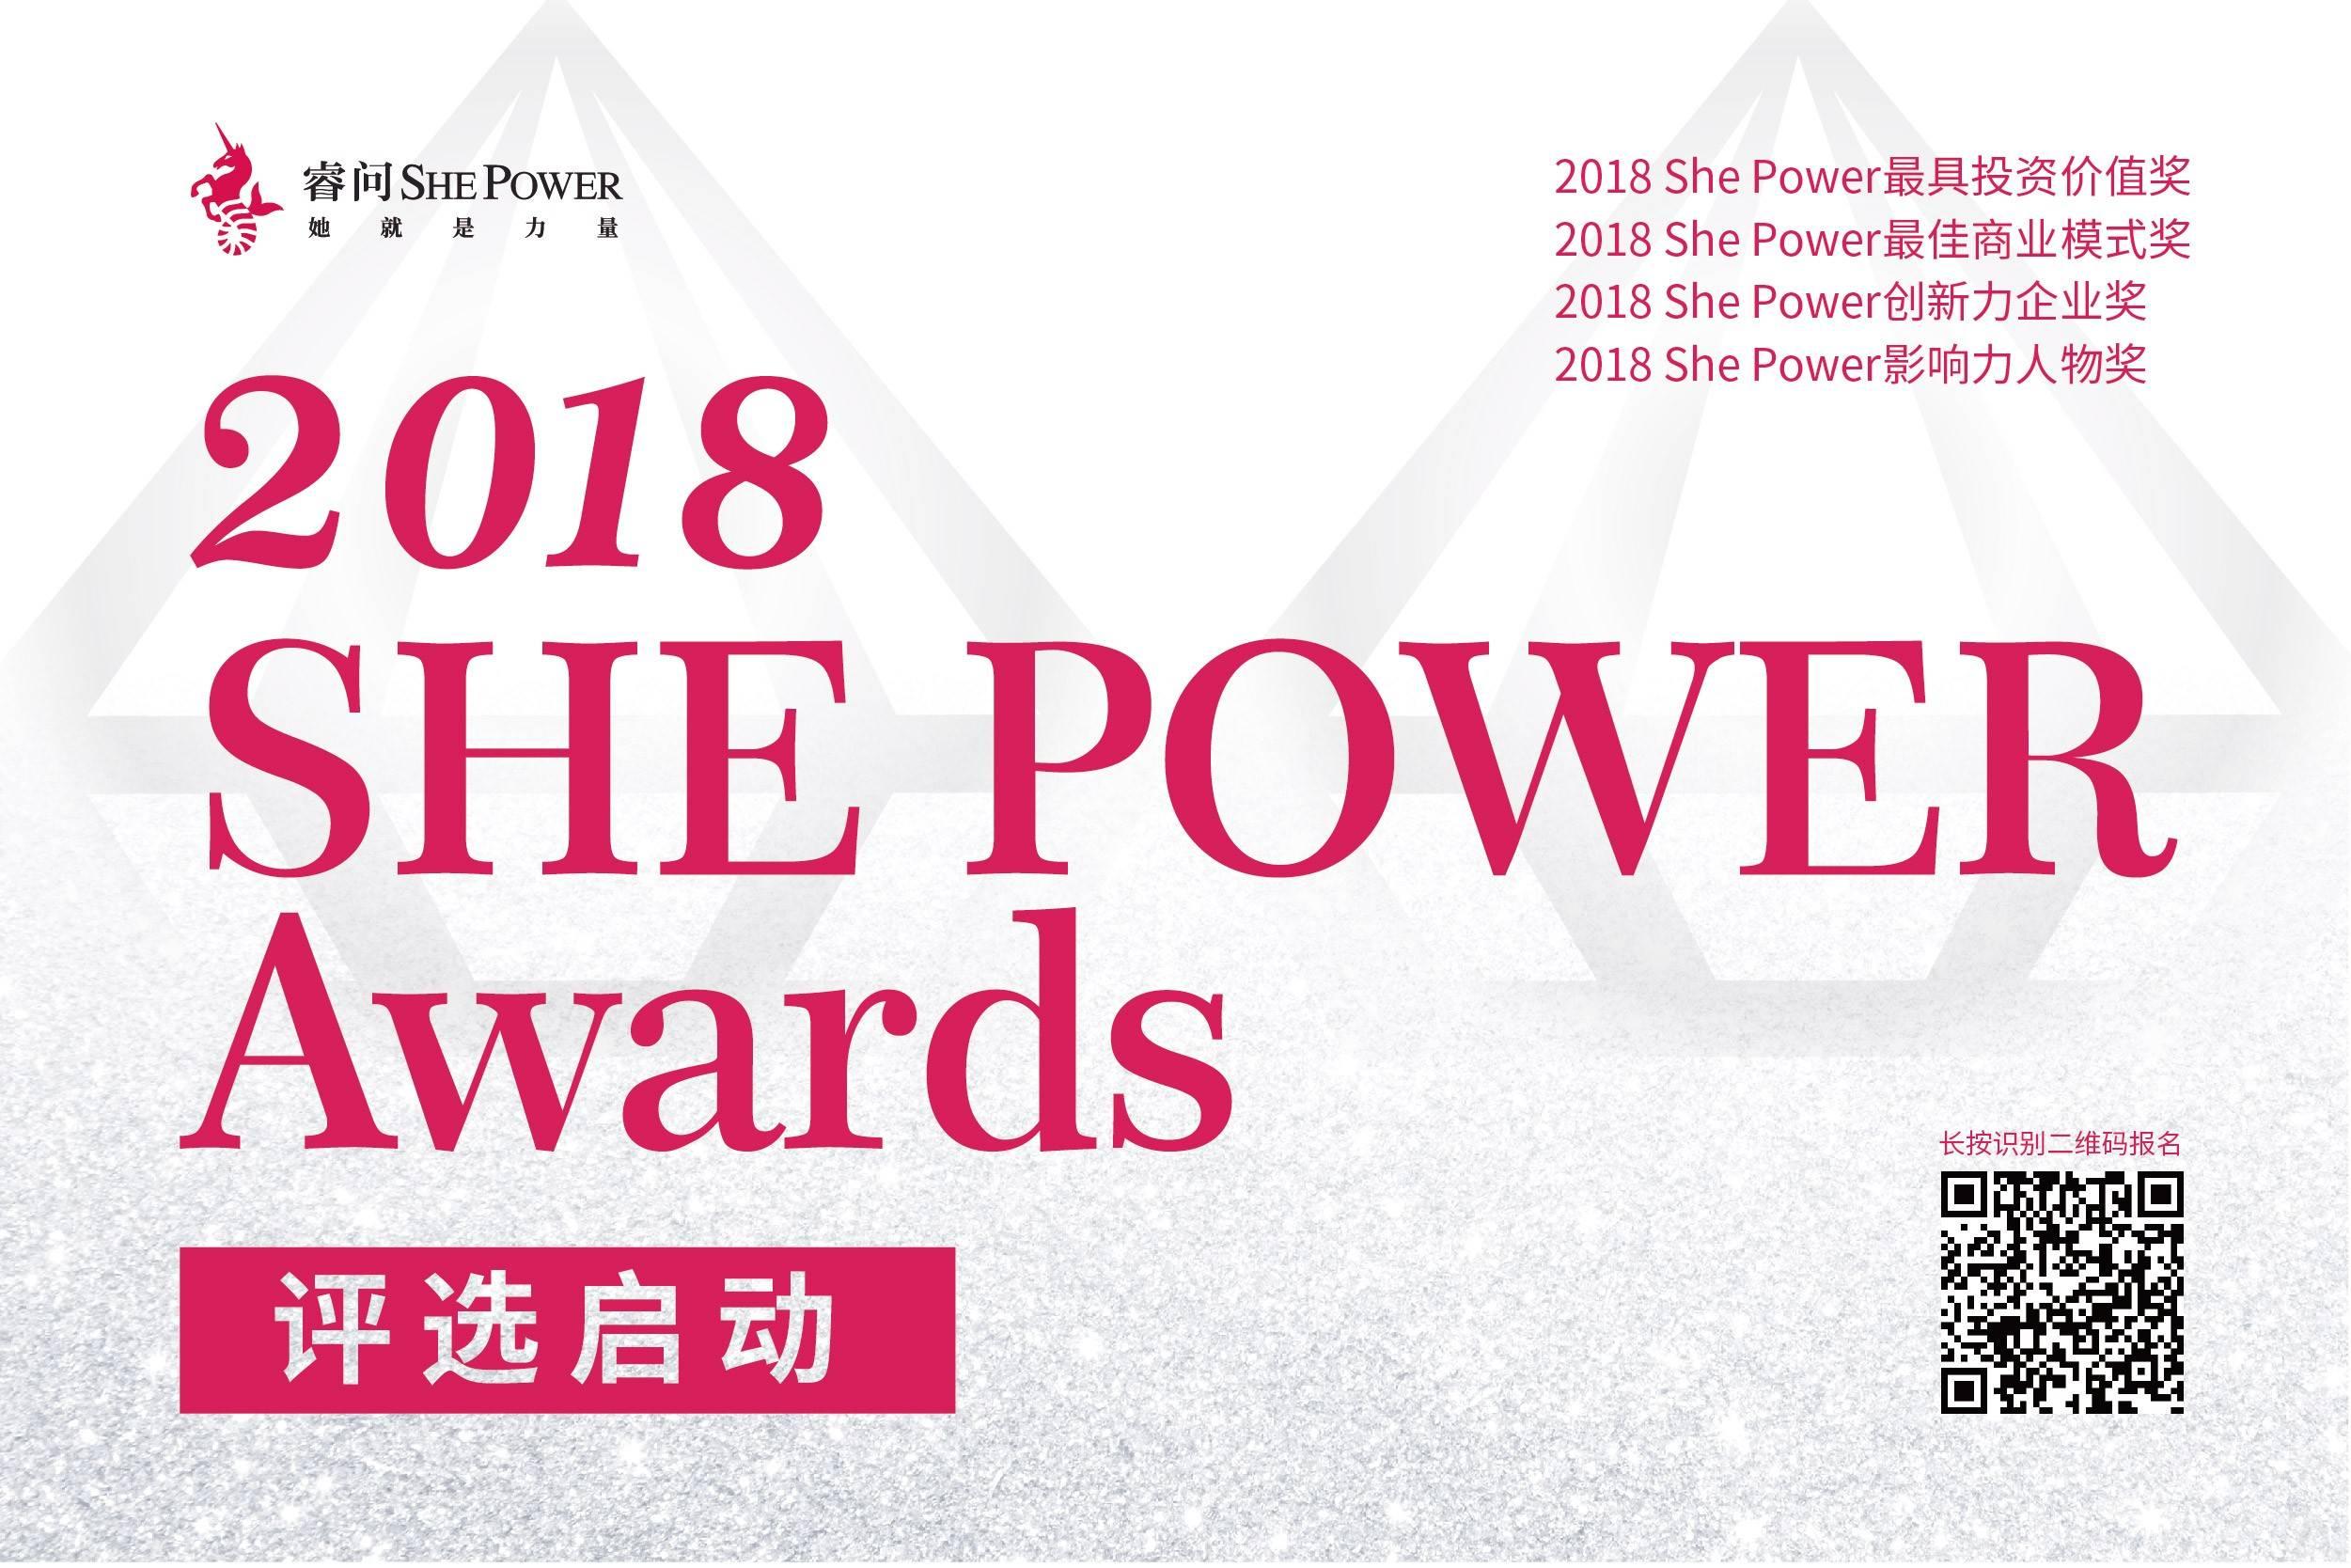 2018 She Power最具投资价值奖、2018 She Power创新力企业奖开始征集